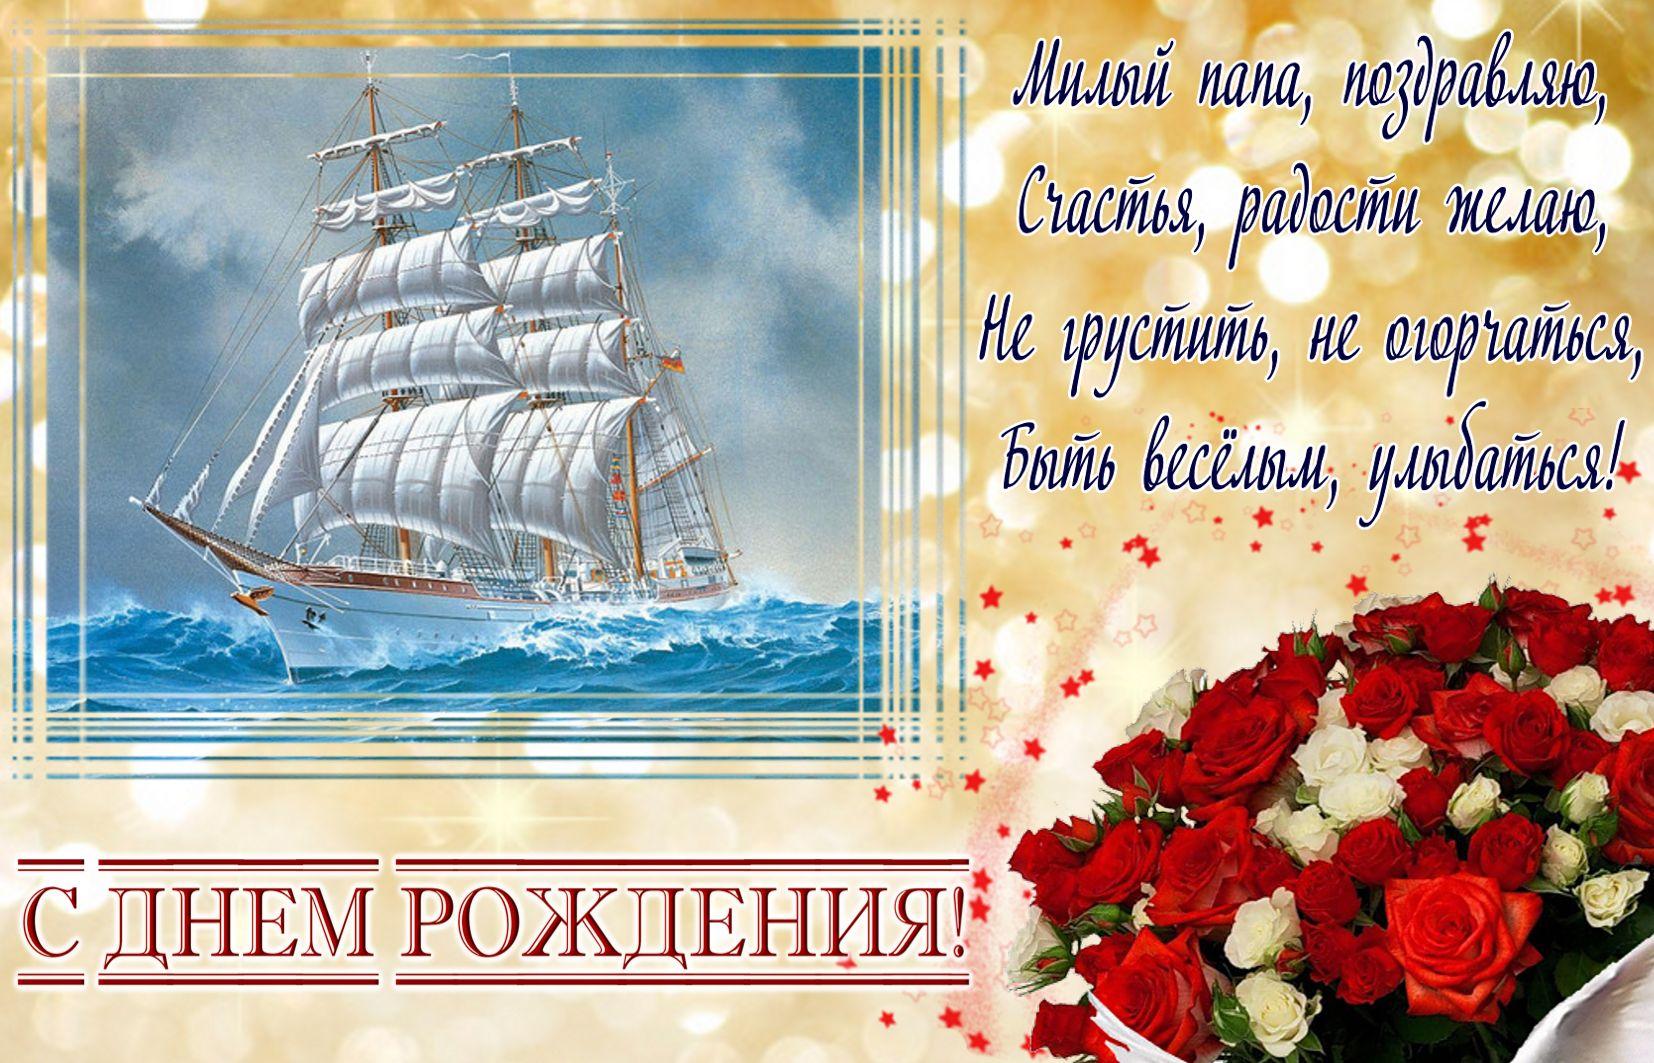 Кораблик в рамке на День рождения папе